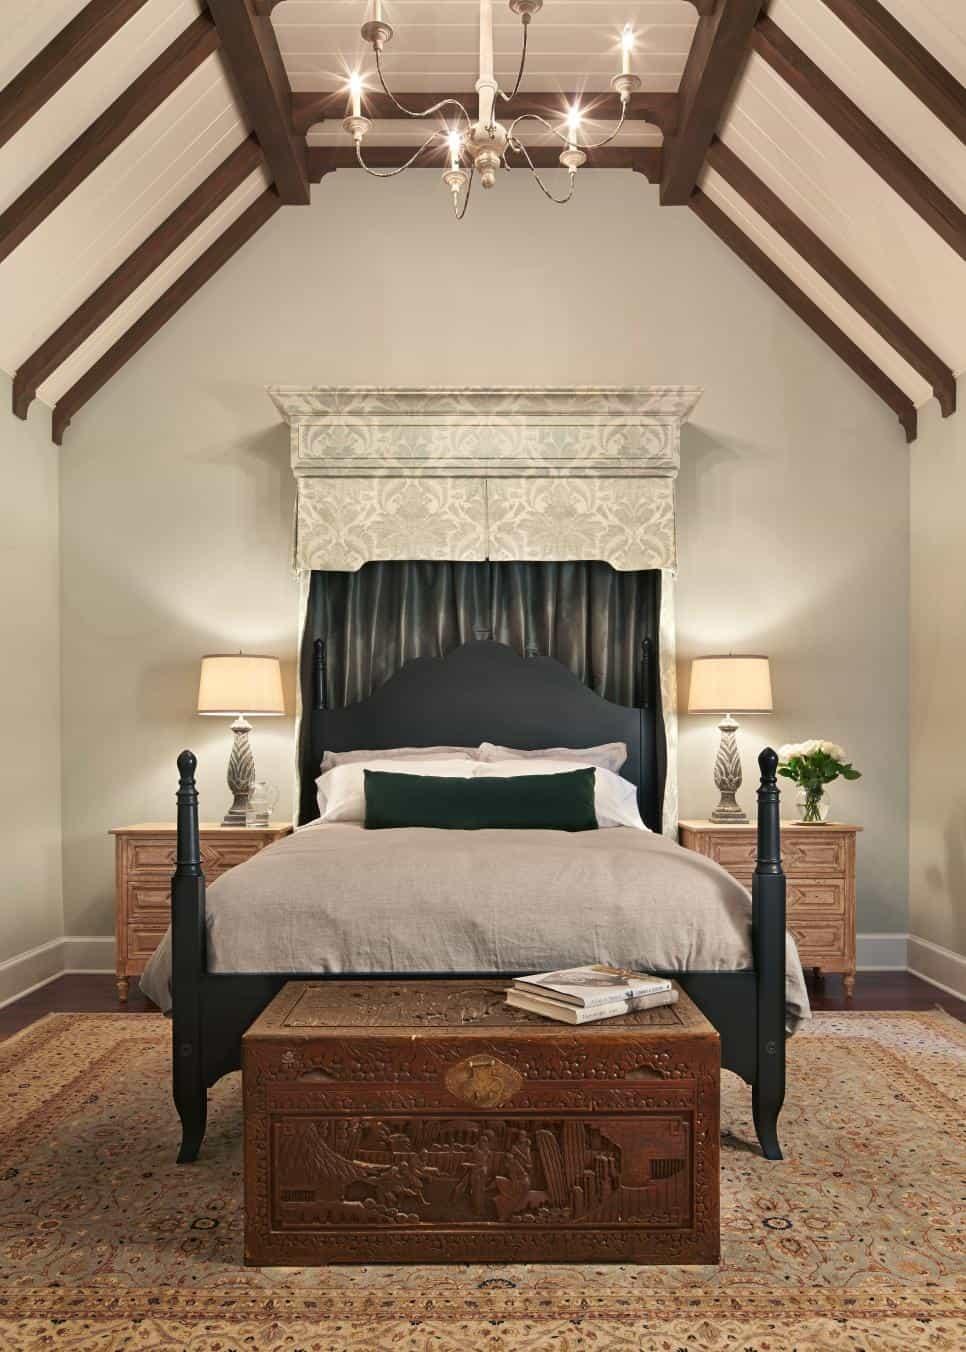 Exotic bedroom design by Hyde Evans Design